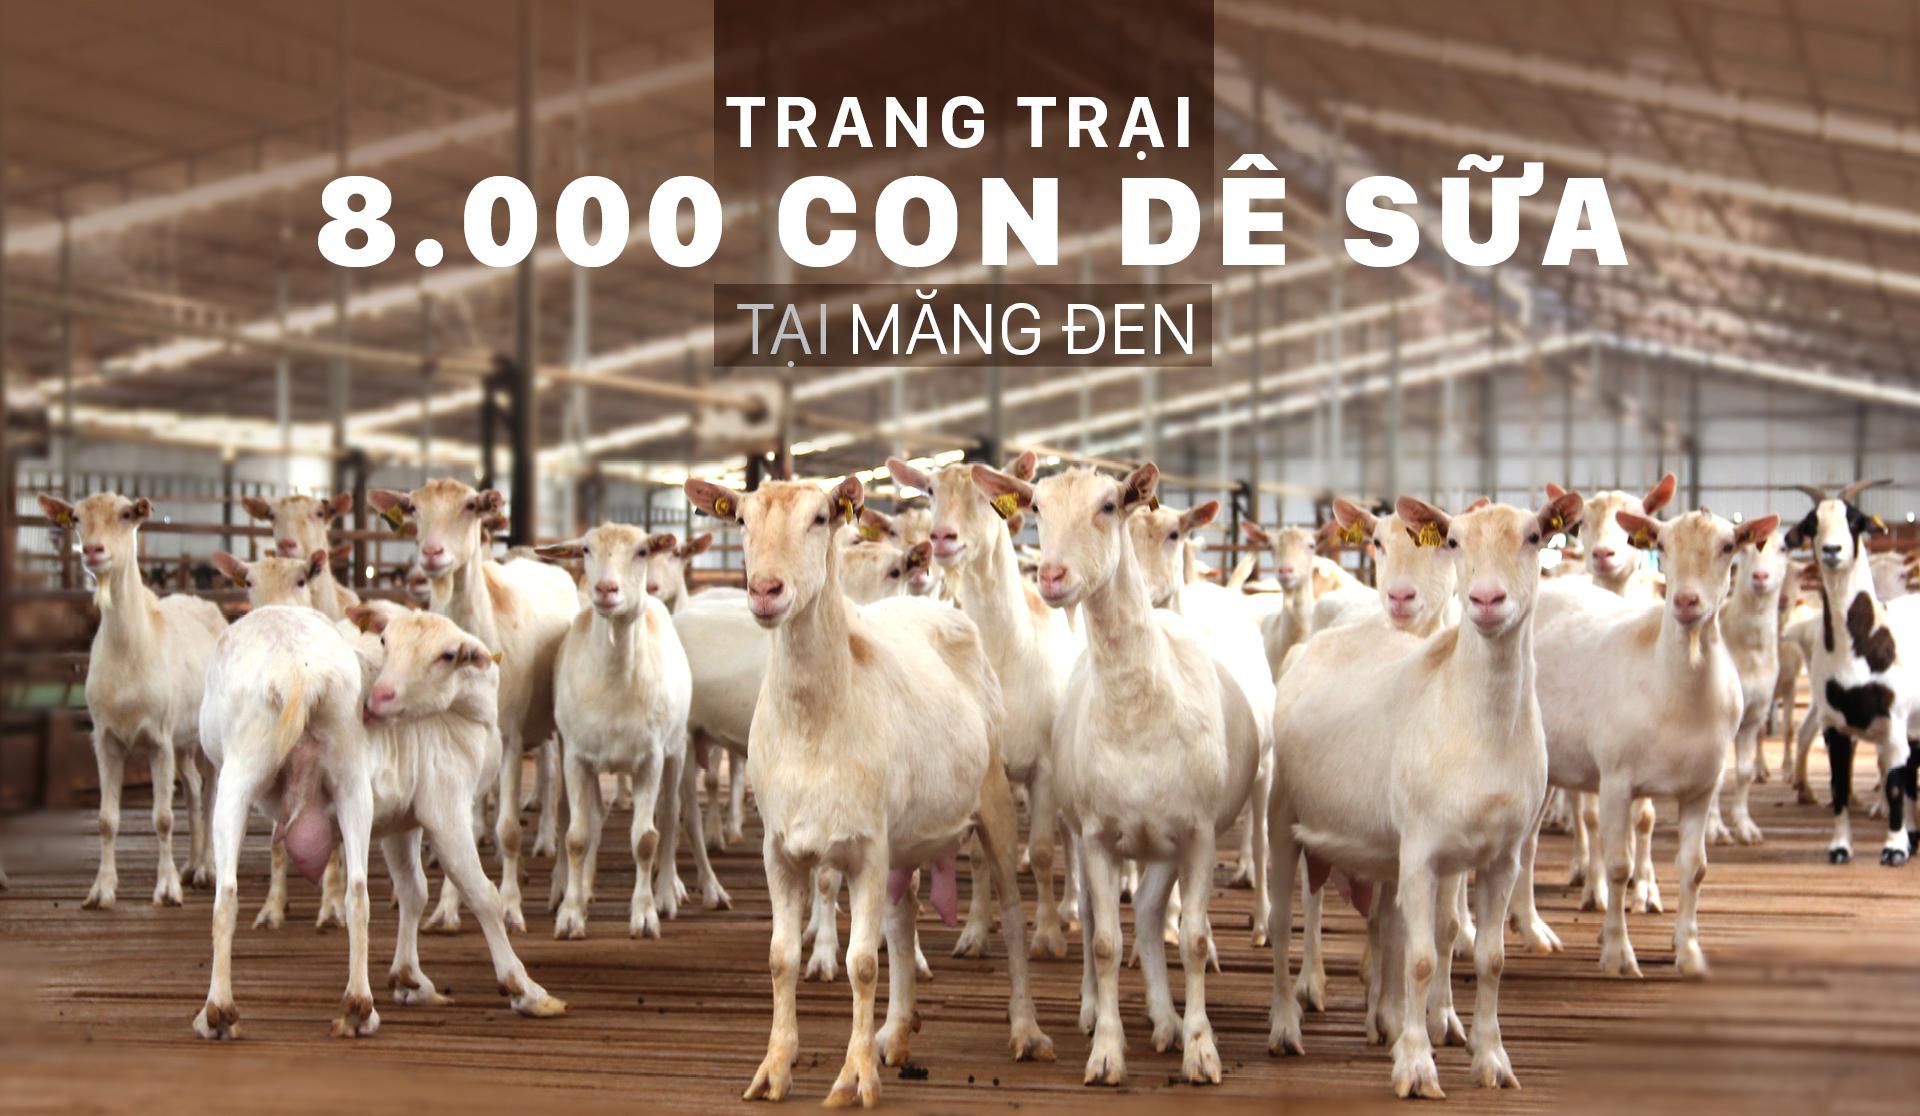 Trang trại  8.000 con dê sữa tại Măng Đen